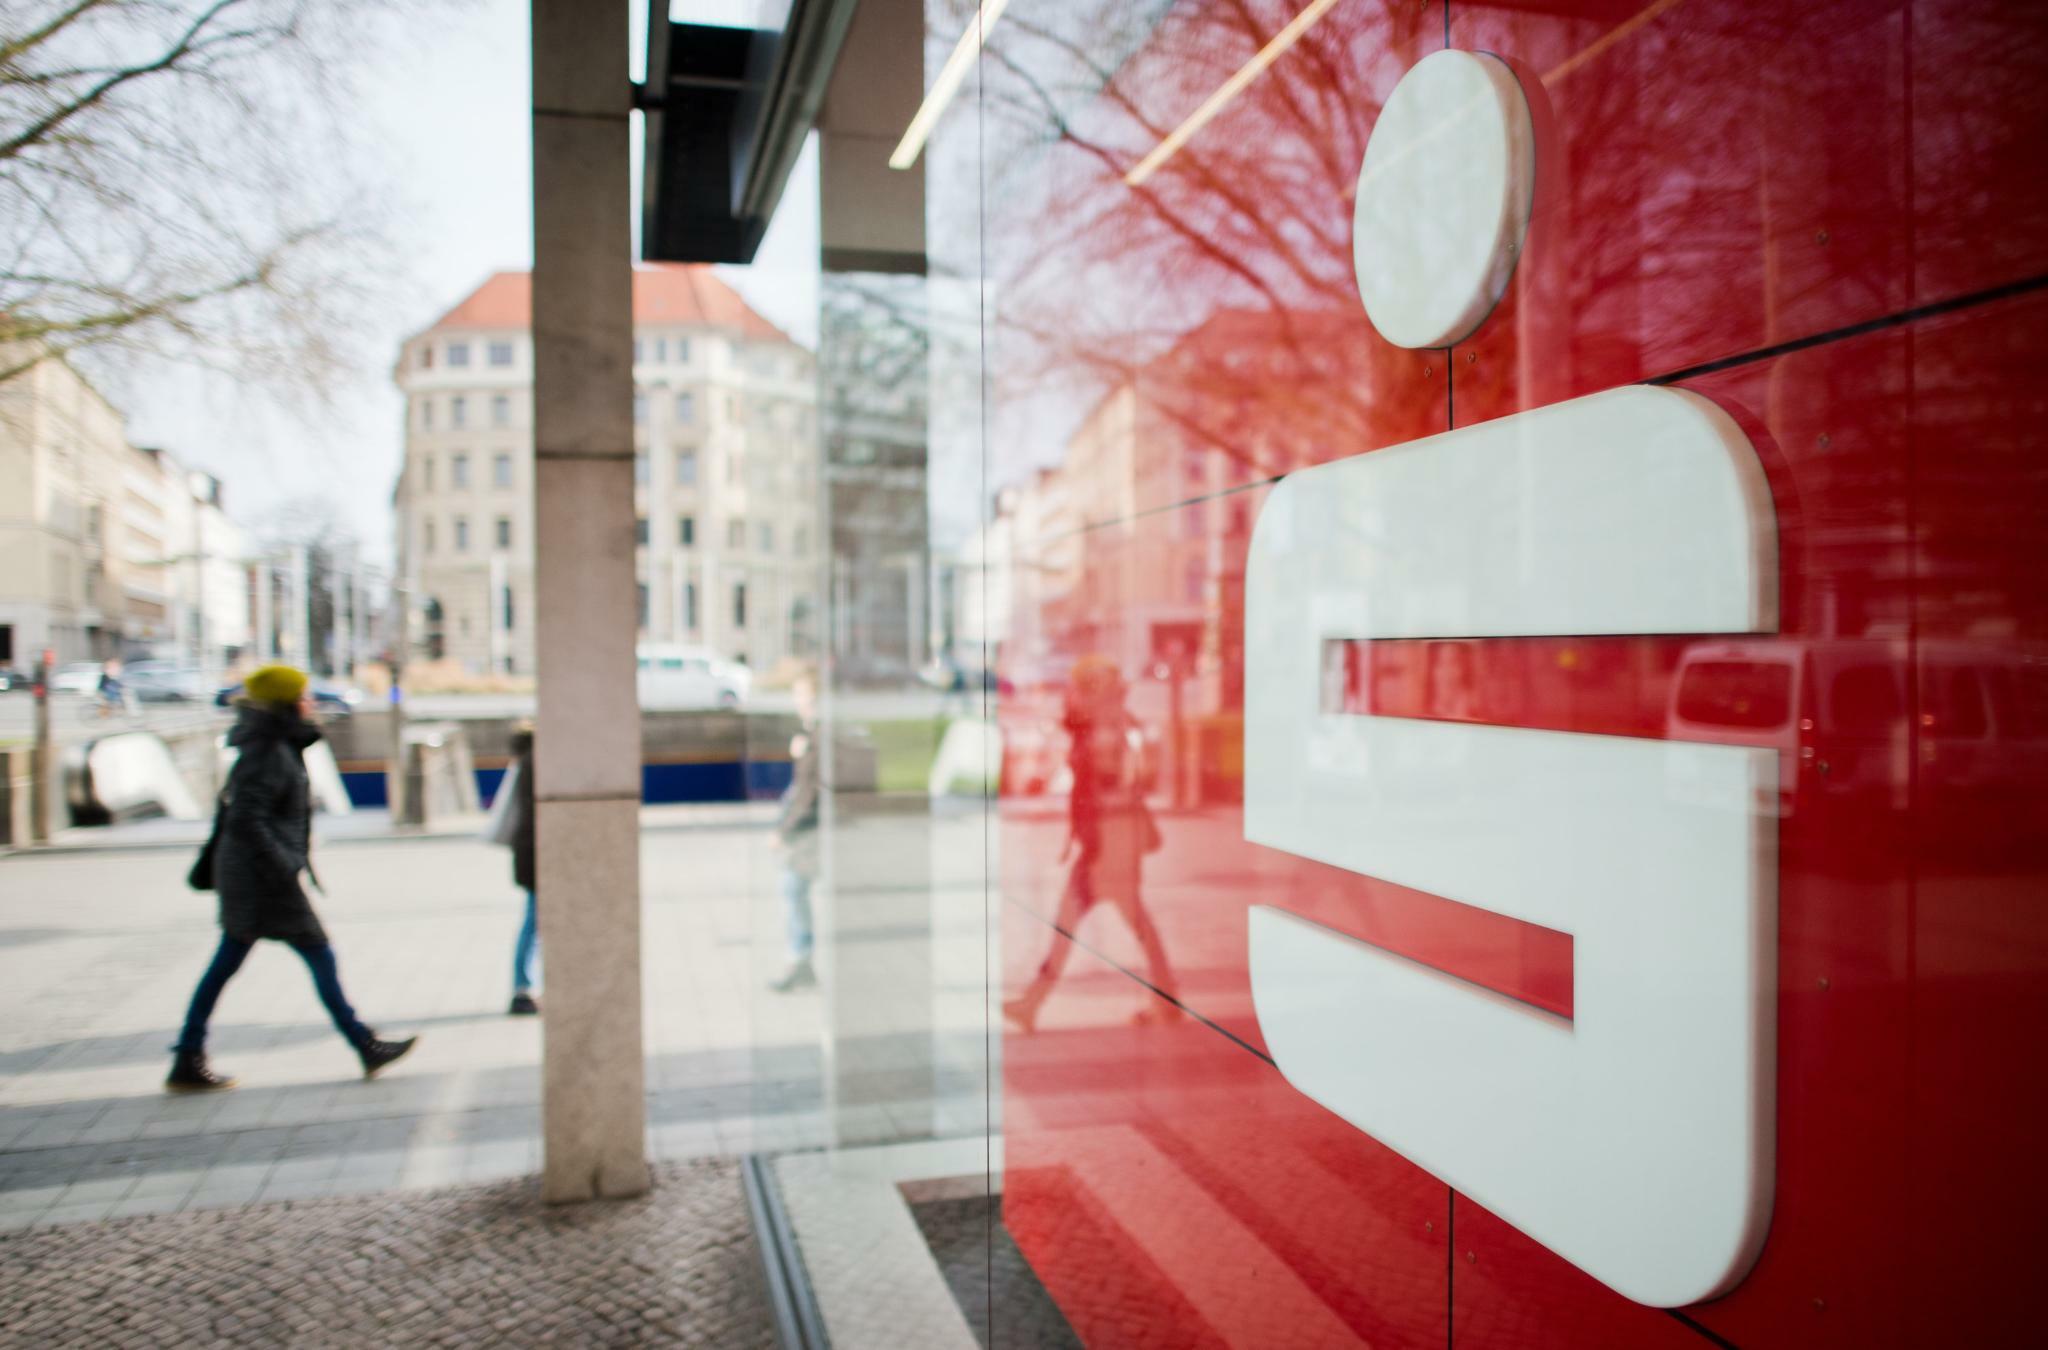 Strafzinsen: Sparkassen und Volksbanken spielen mit dem Feuer